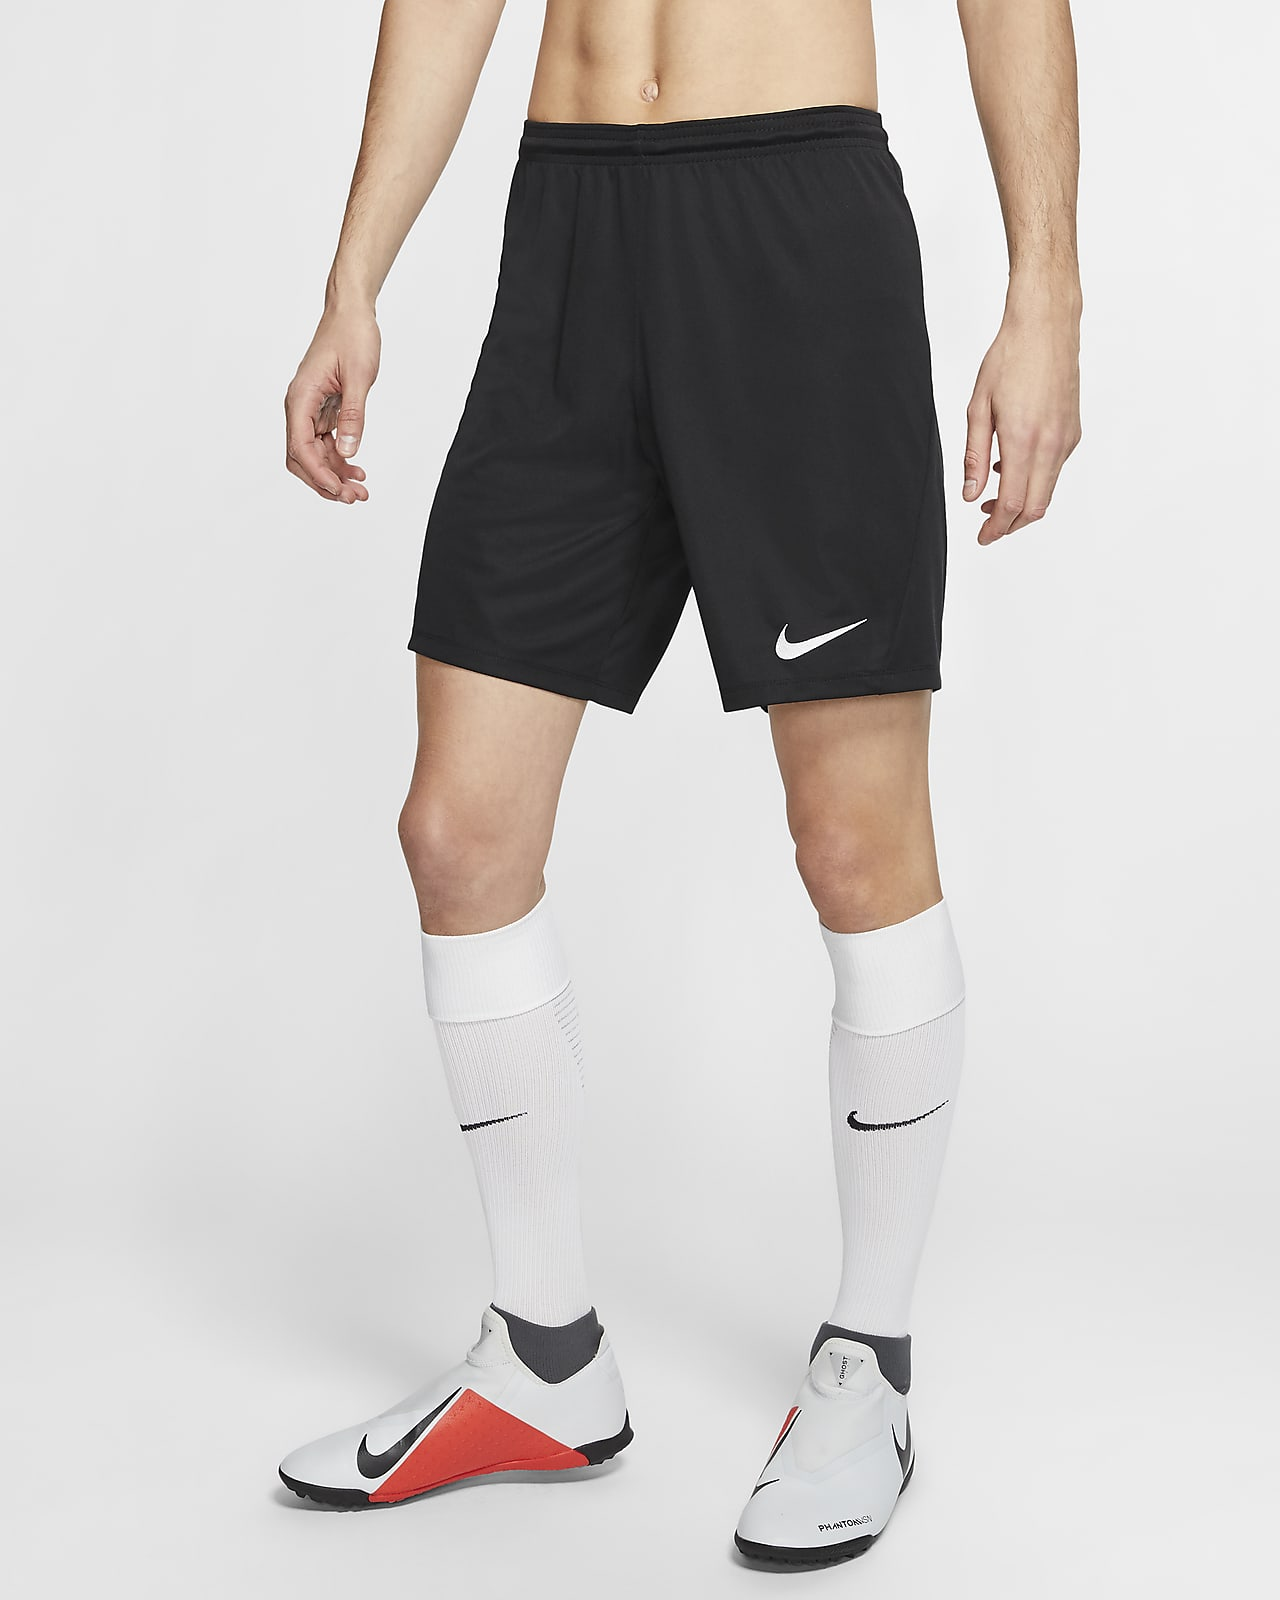 Nike Dri-FIT Park 3 Men's Knit Soccer Shorts